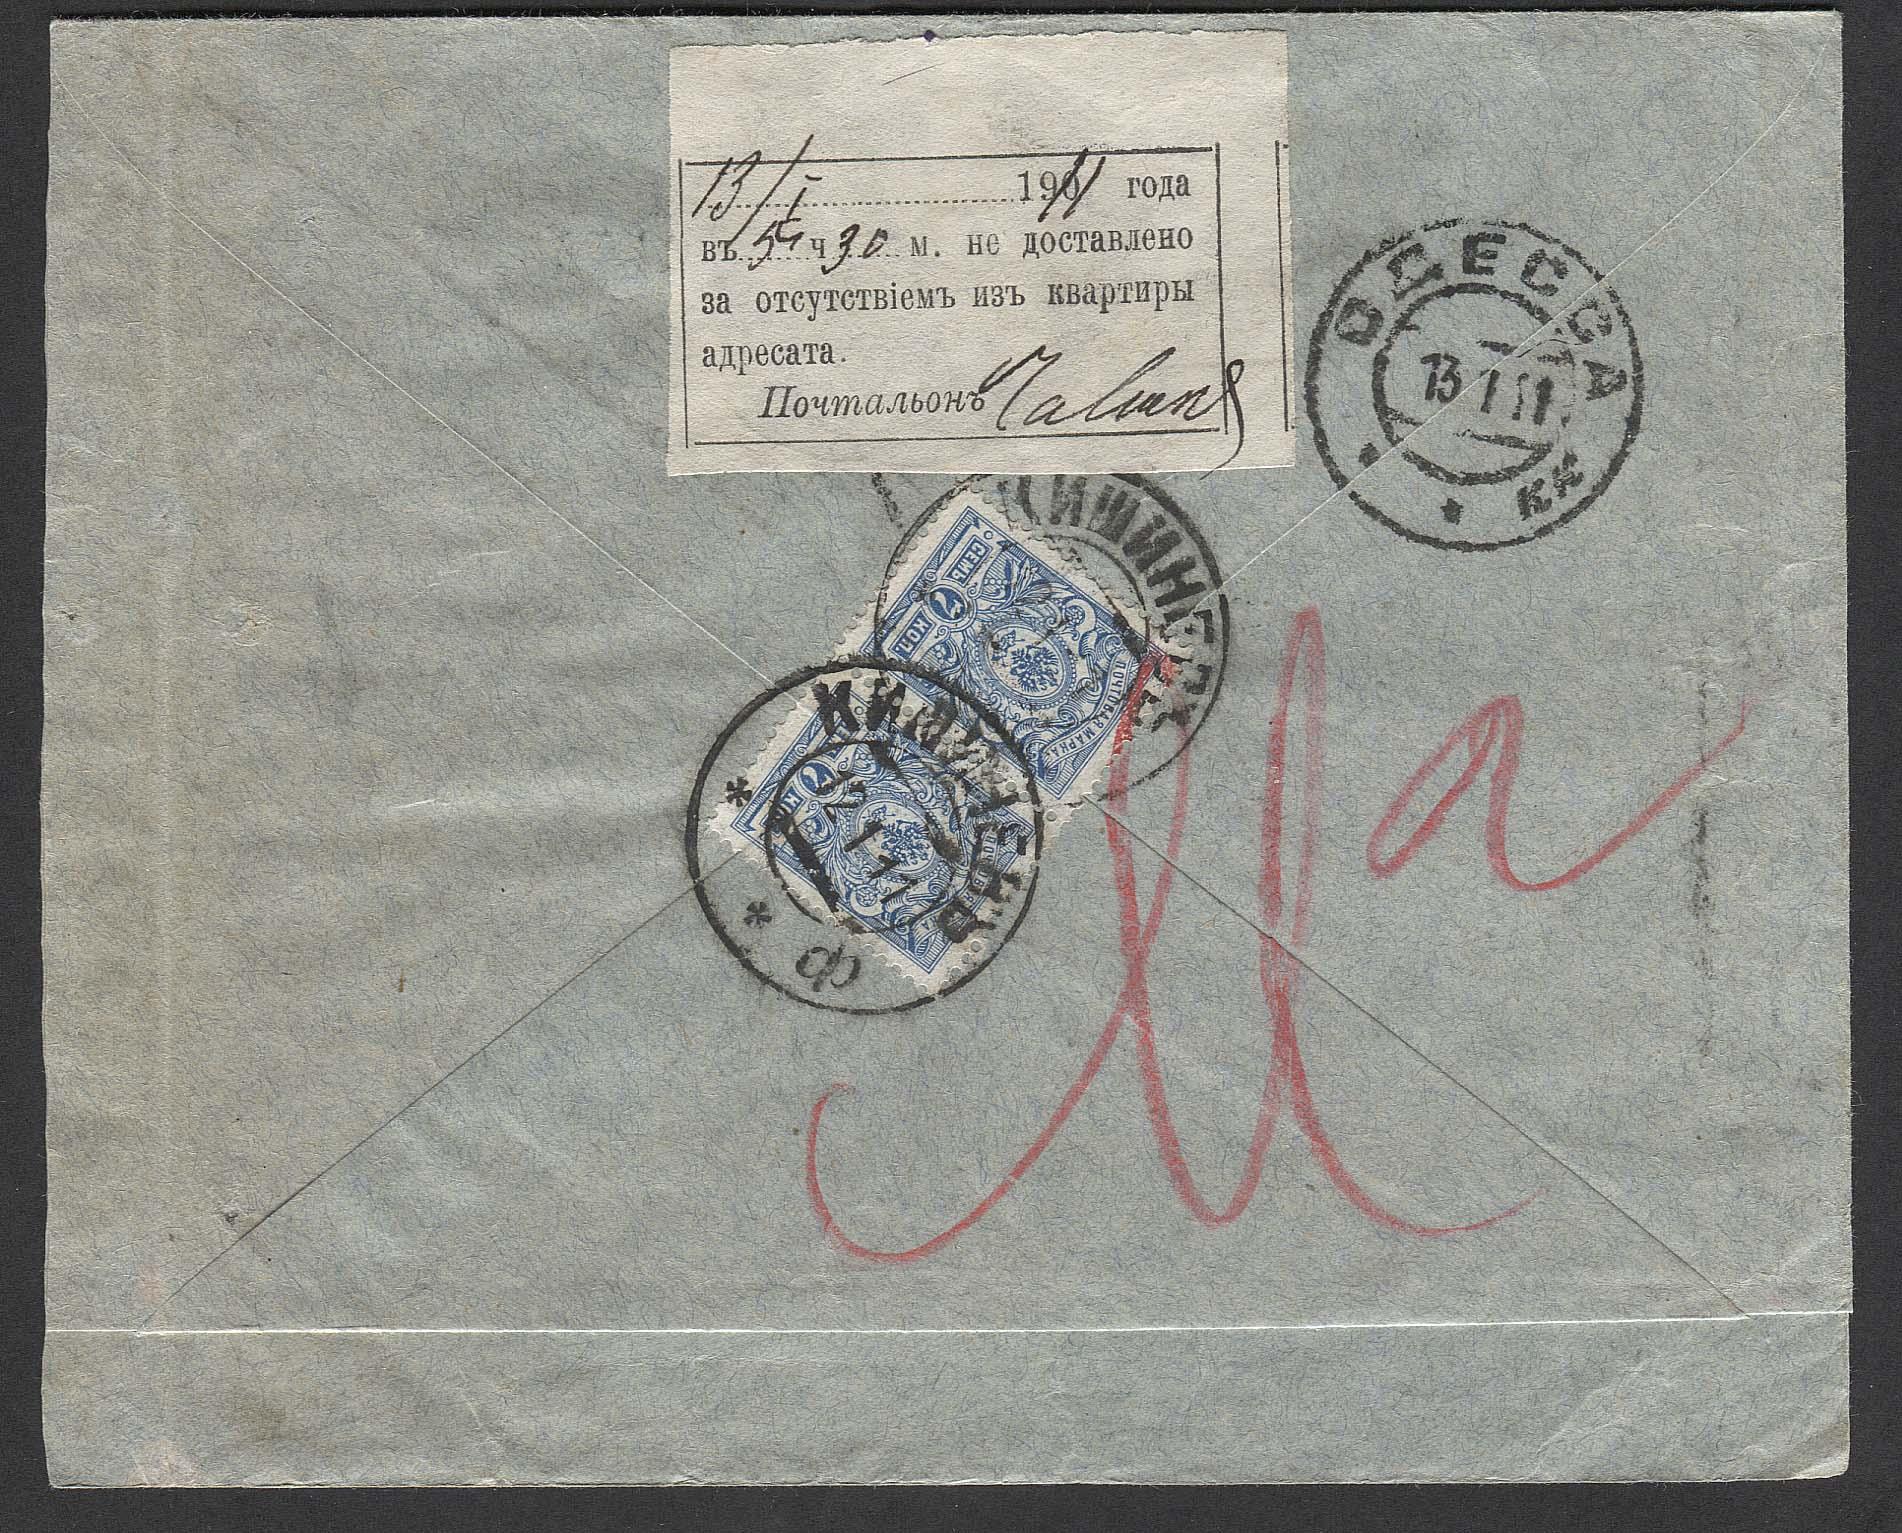 письмо открытка доставлено адресату видел